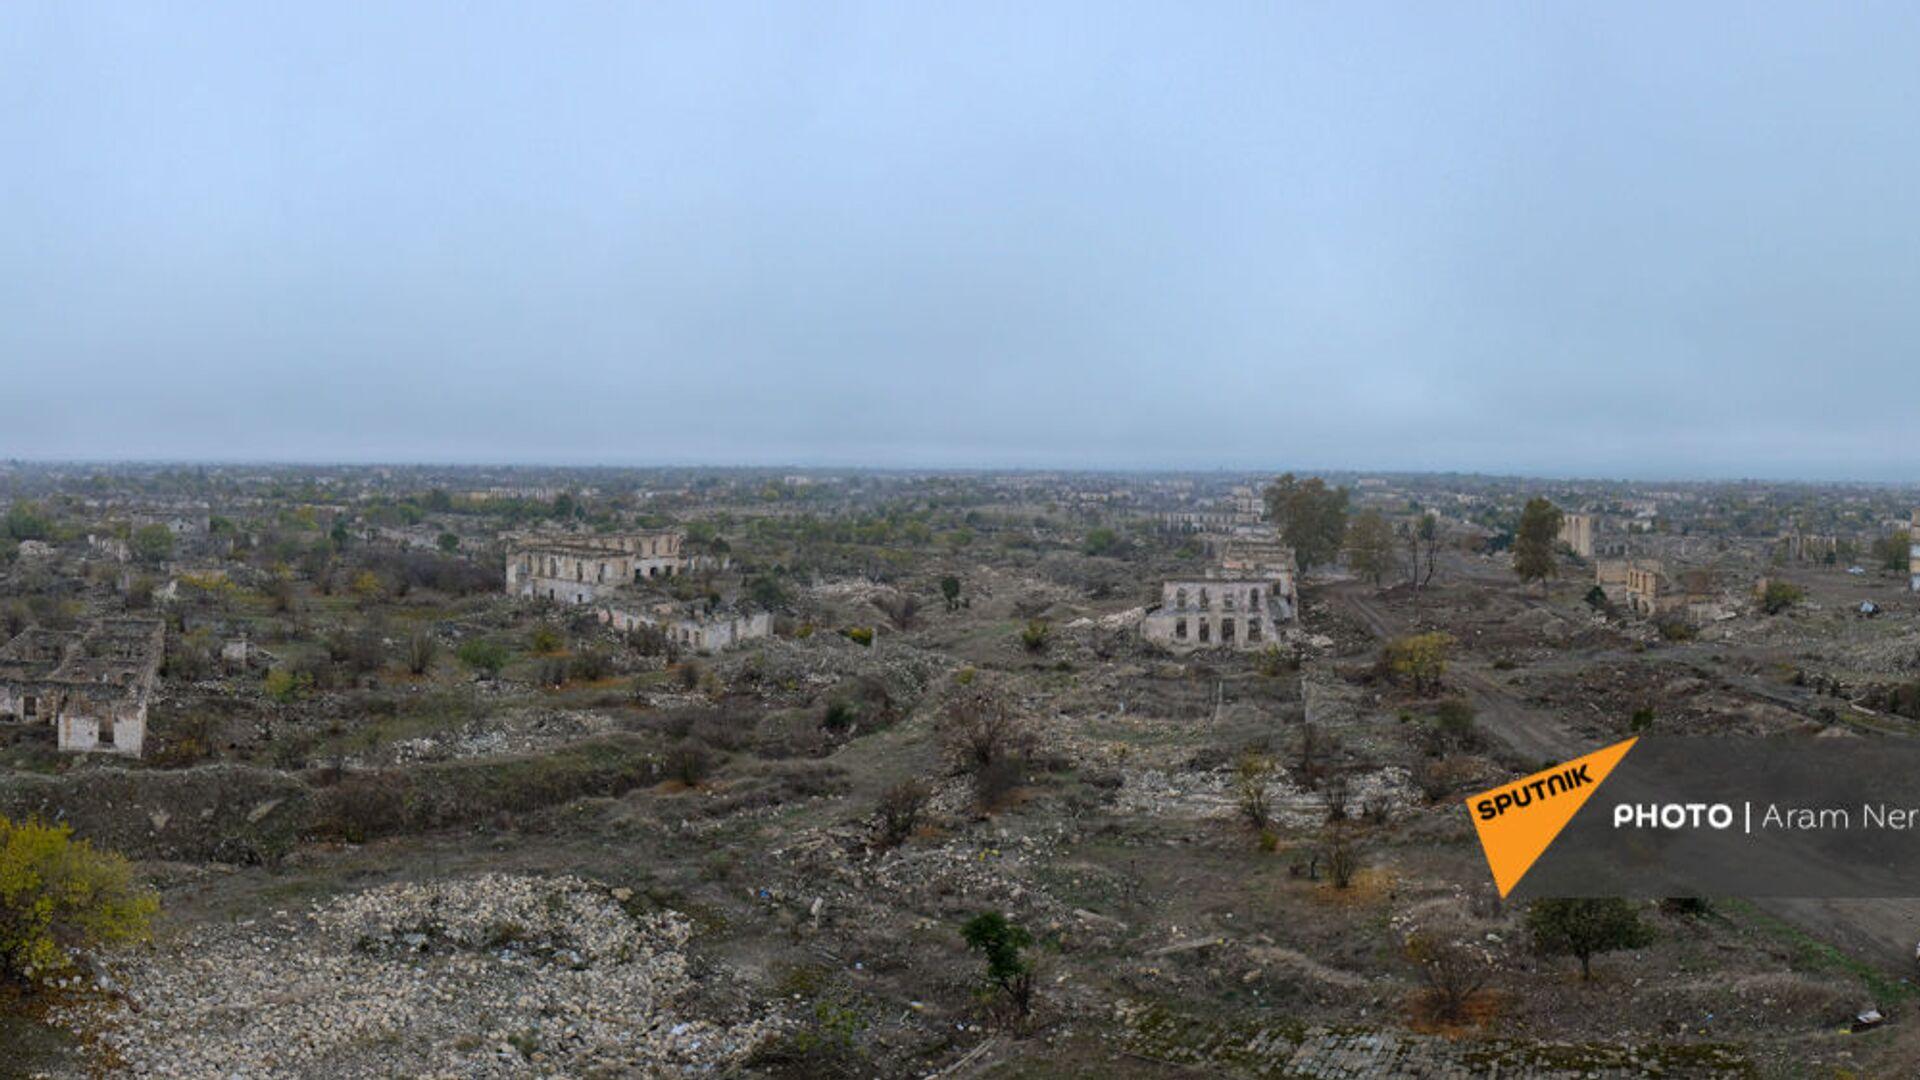 Агдам перед сдачей территорий азербайджанской стороне (19 ноября 2020). Карабах - Sputnik Արմենիա, 1920, 21.09.2021